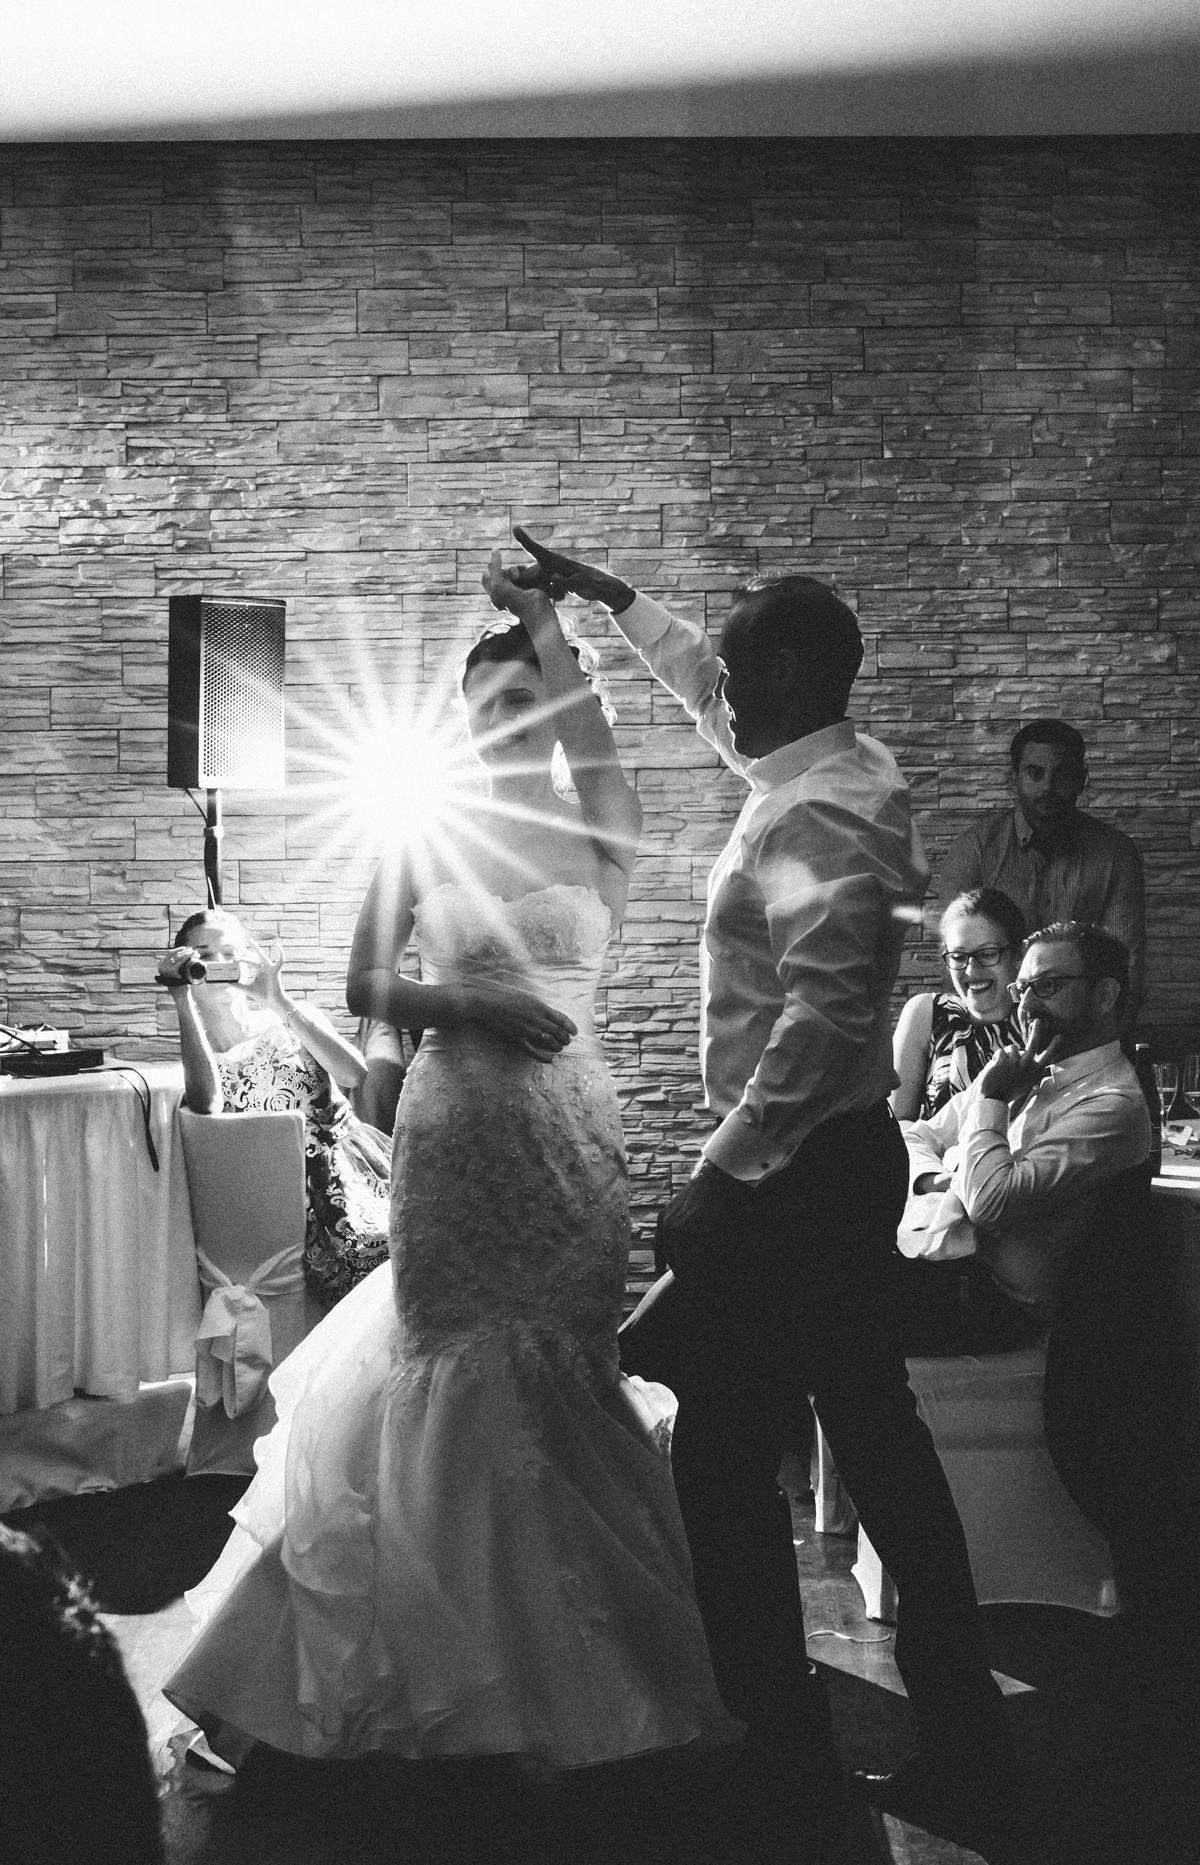 Brautpaar beim Eröffnungstanz in der Luise Dahlem in Berlin